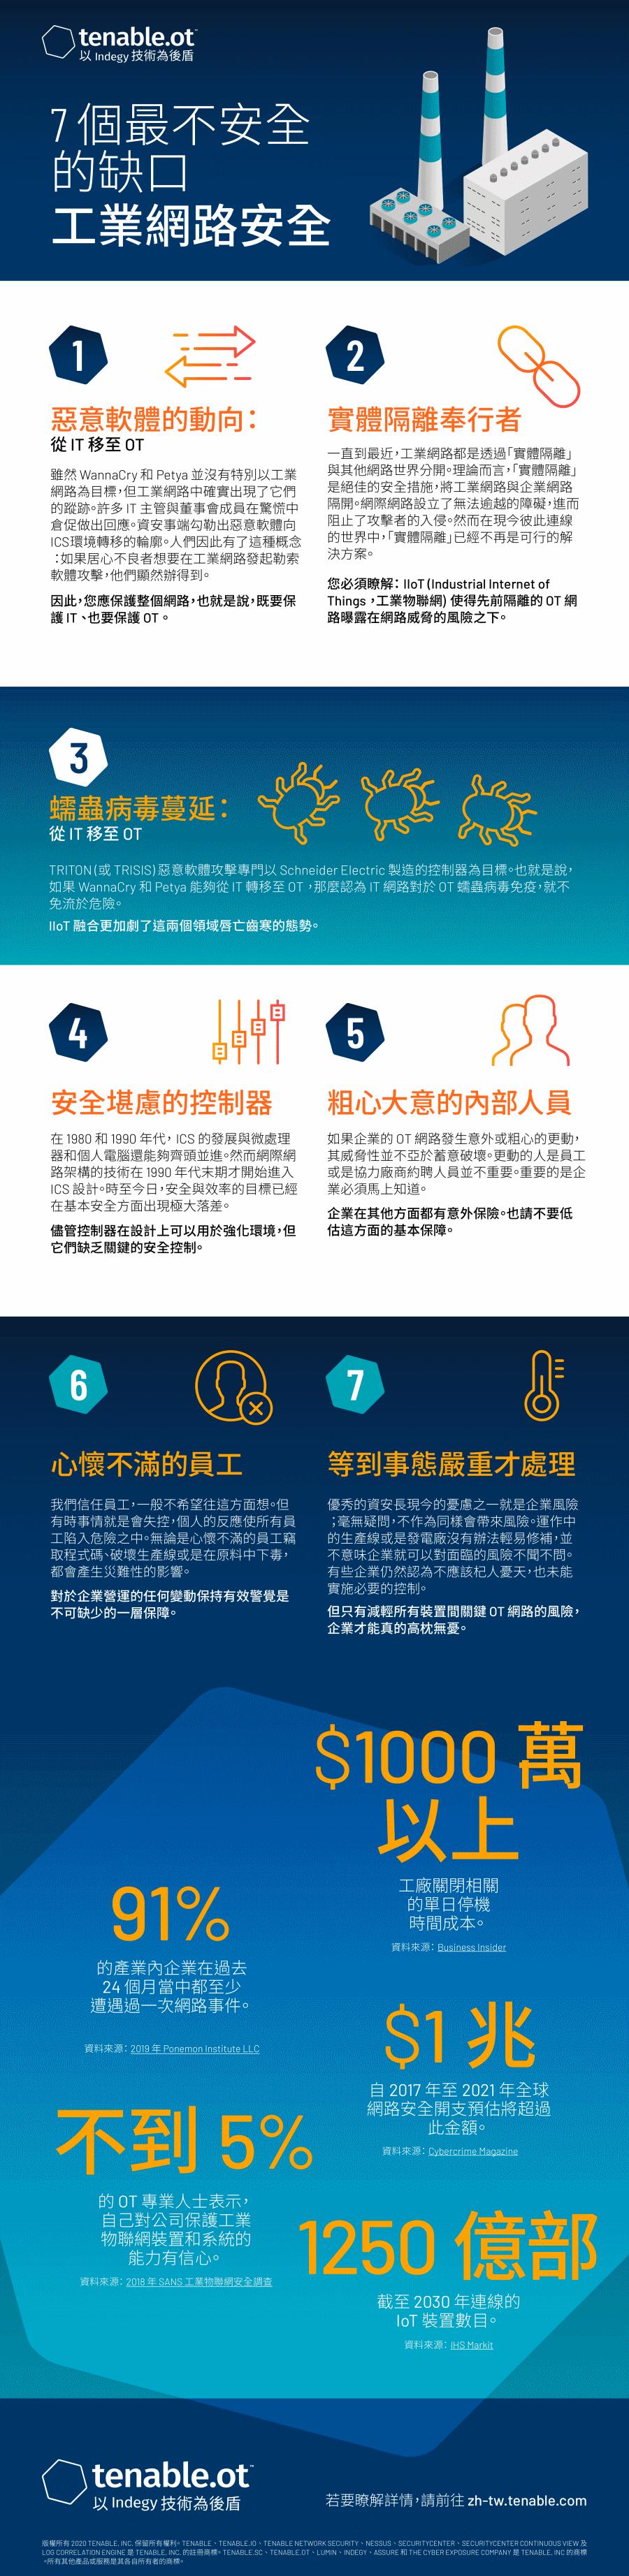 工業網路安全中 7 個最不安全的缺口資訊圖表